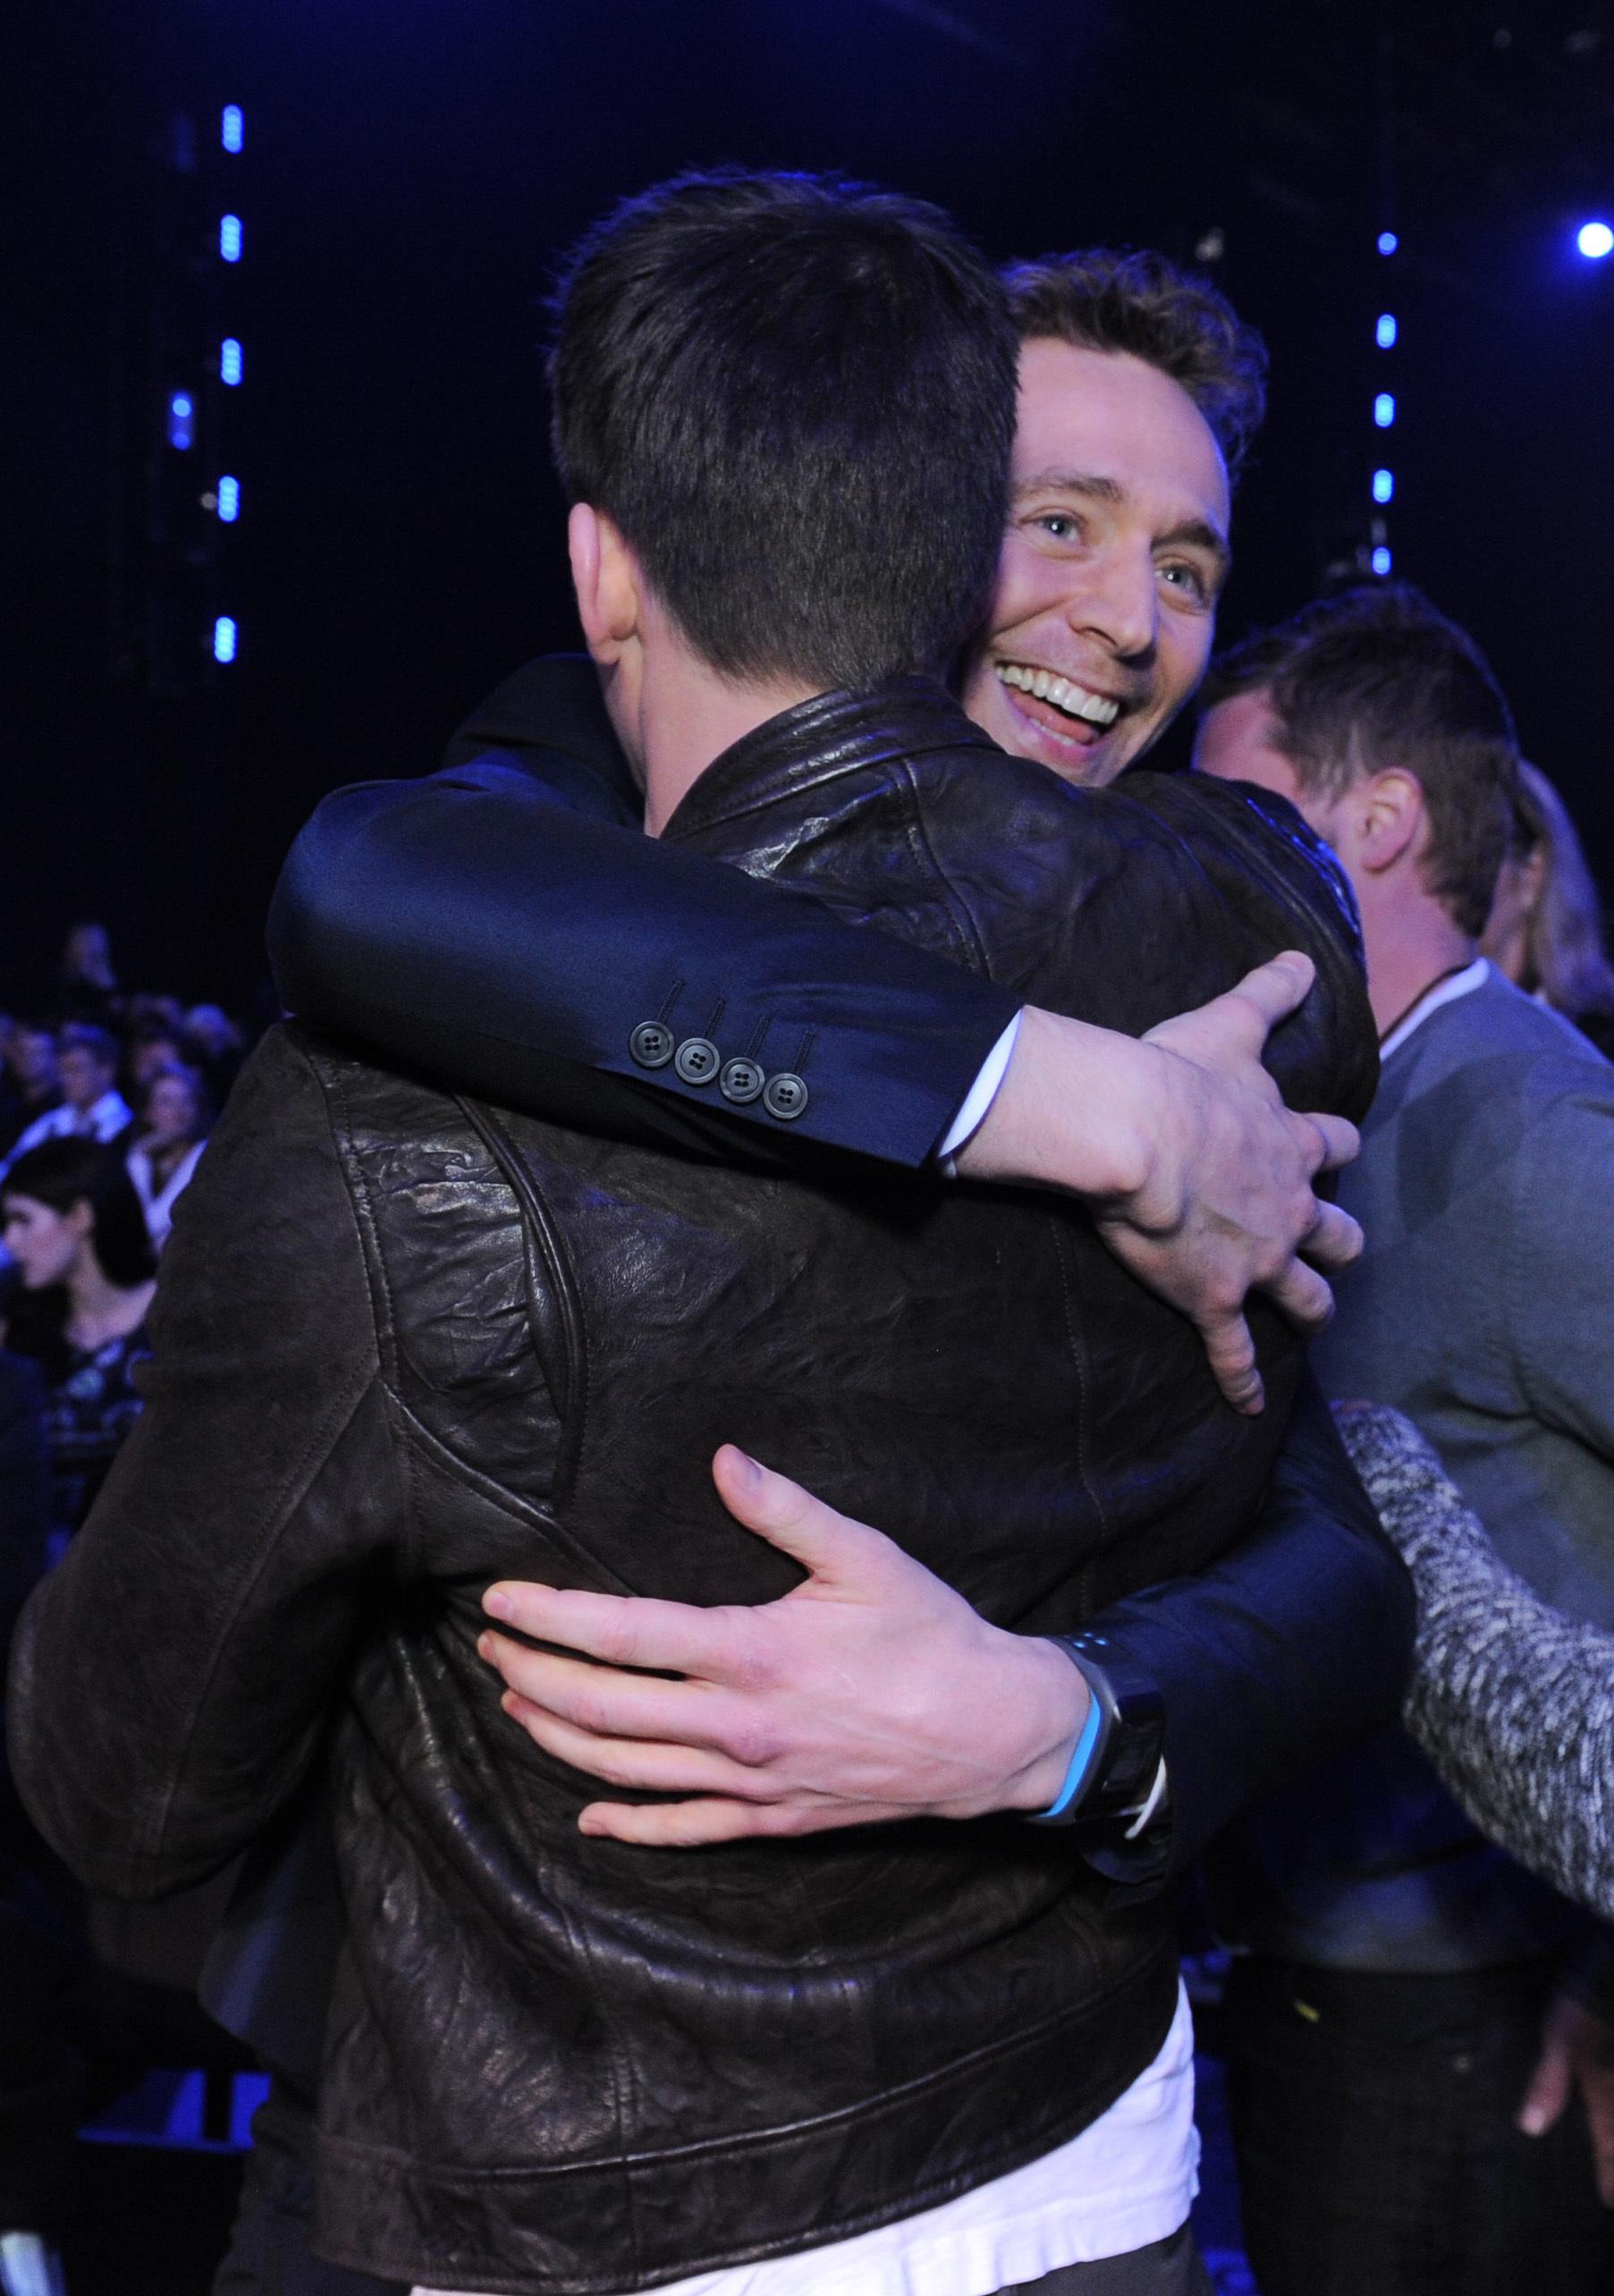 chris evans tom hiddleston hug